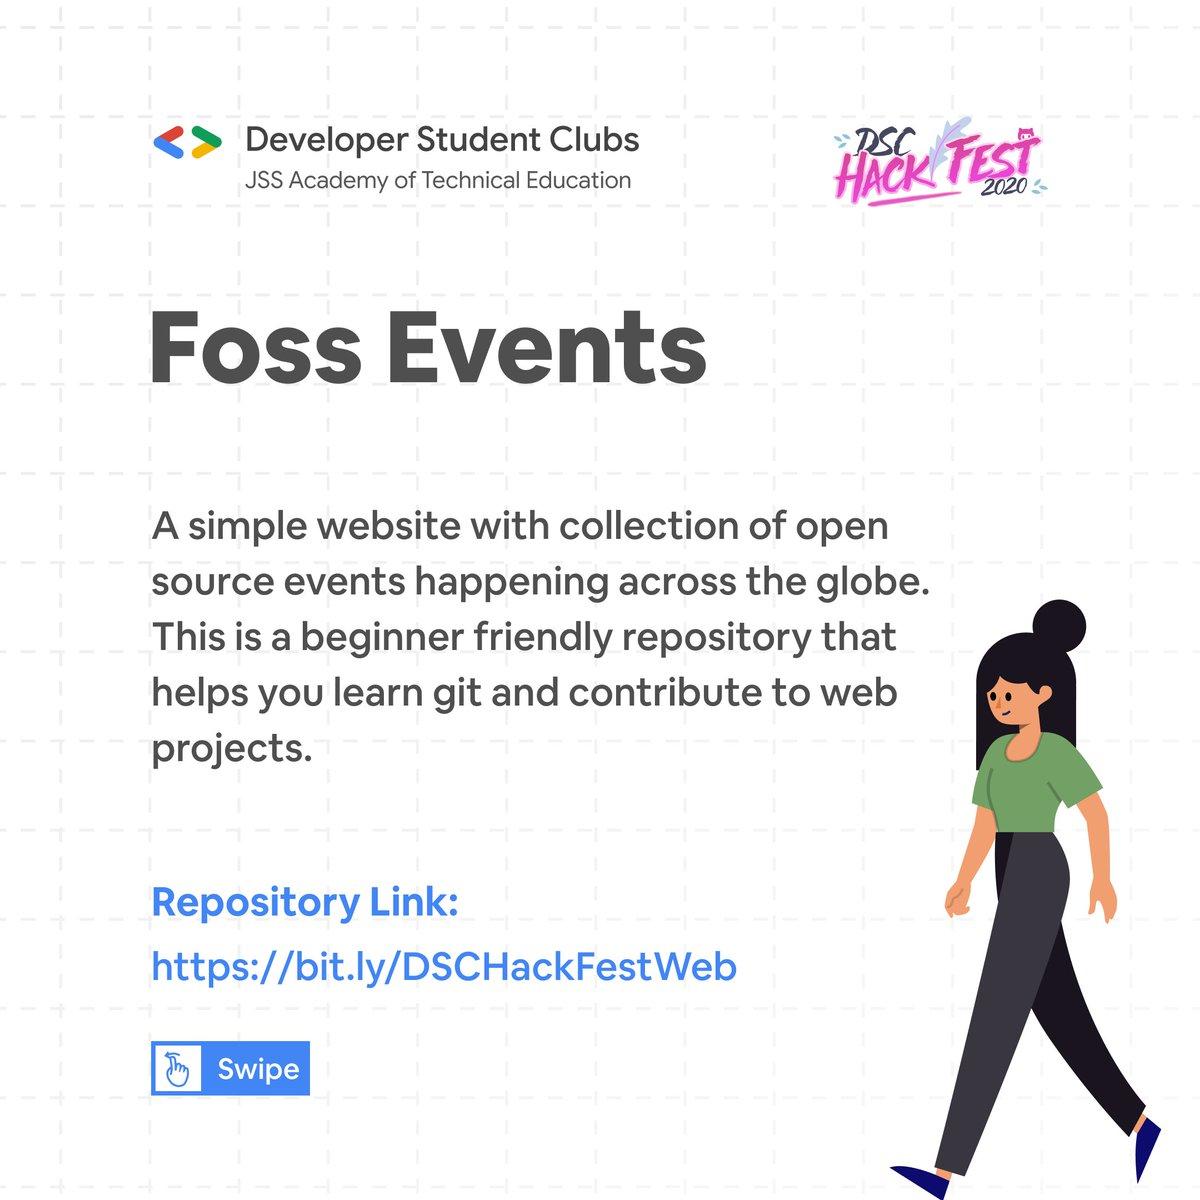 Foss Events Website ( Web ) Tech Stack:  ⭐️Frontend: HTML,CSS,JS, Bootstrap ⭐️ Backend: NodeJS ⚡️Link: https://t.co/kKsUM8WtJs  #hacktoberfest2020 #OpenSource #DeveloperStudentClubs #webdev #Website #Developer #CodeNewbie #100DaysOfCode #git #github https://t.co/Cz2beR2rVX